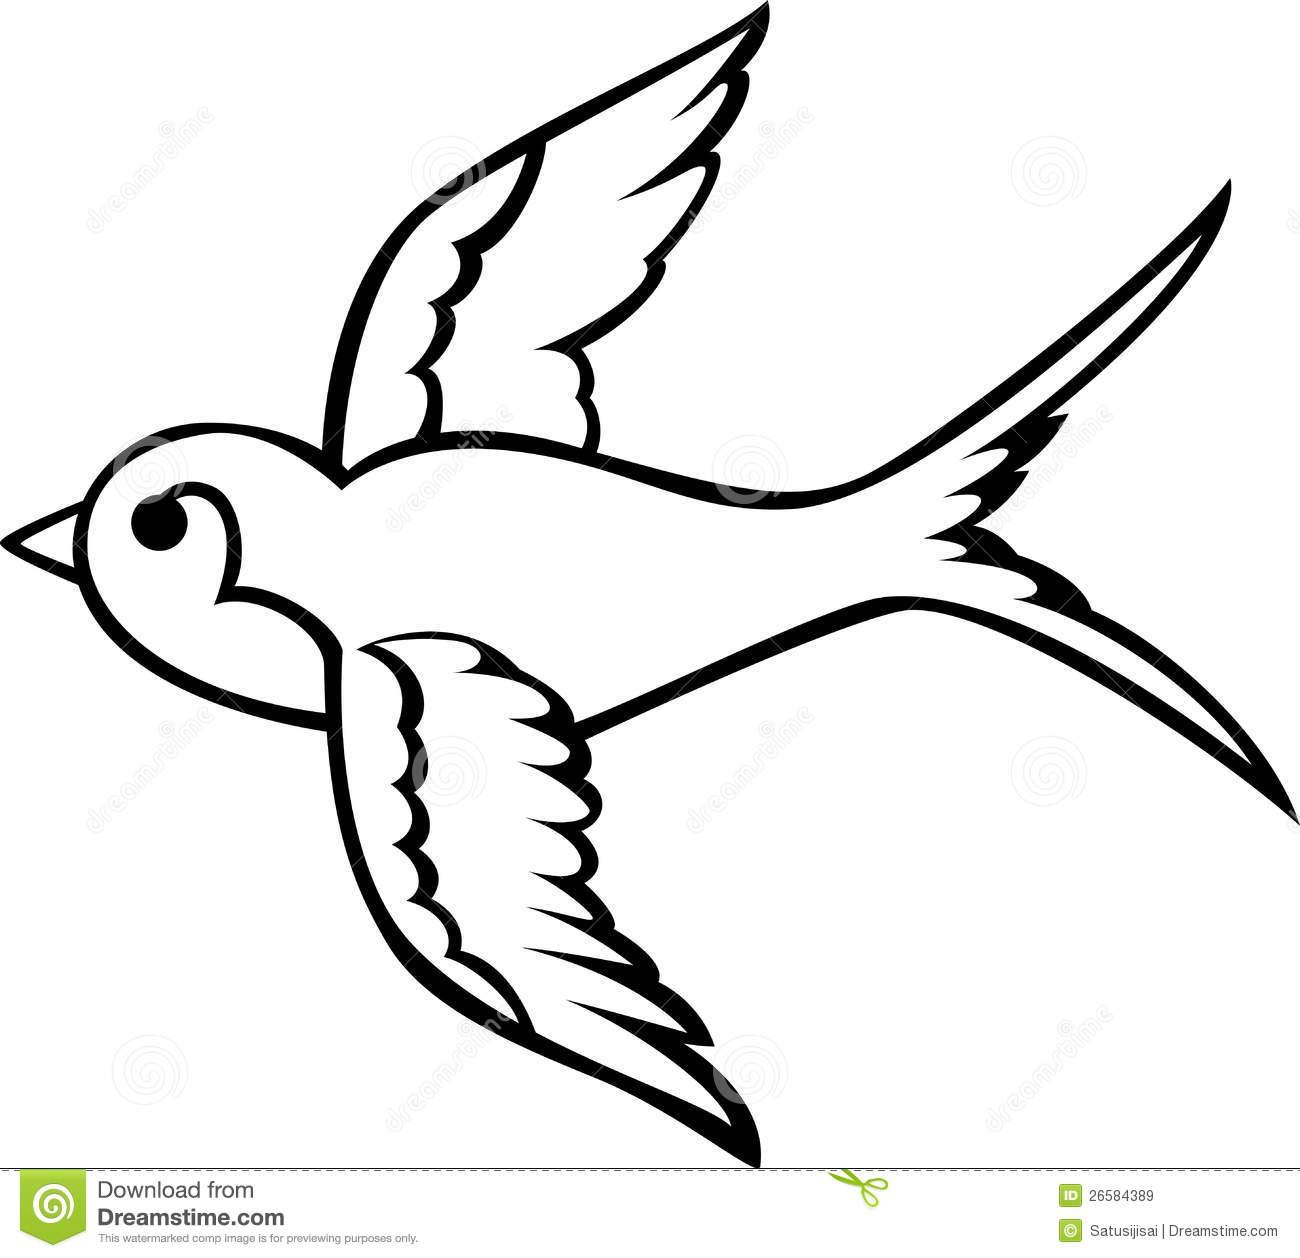 Dessins Gratuits À Colorier - Coloriage Hirondelle À Imprimer intérieur Dessin D Oiseau Simple